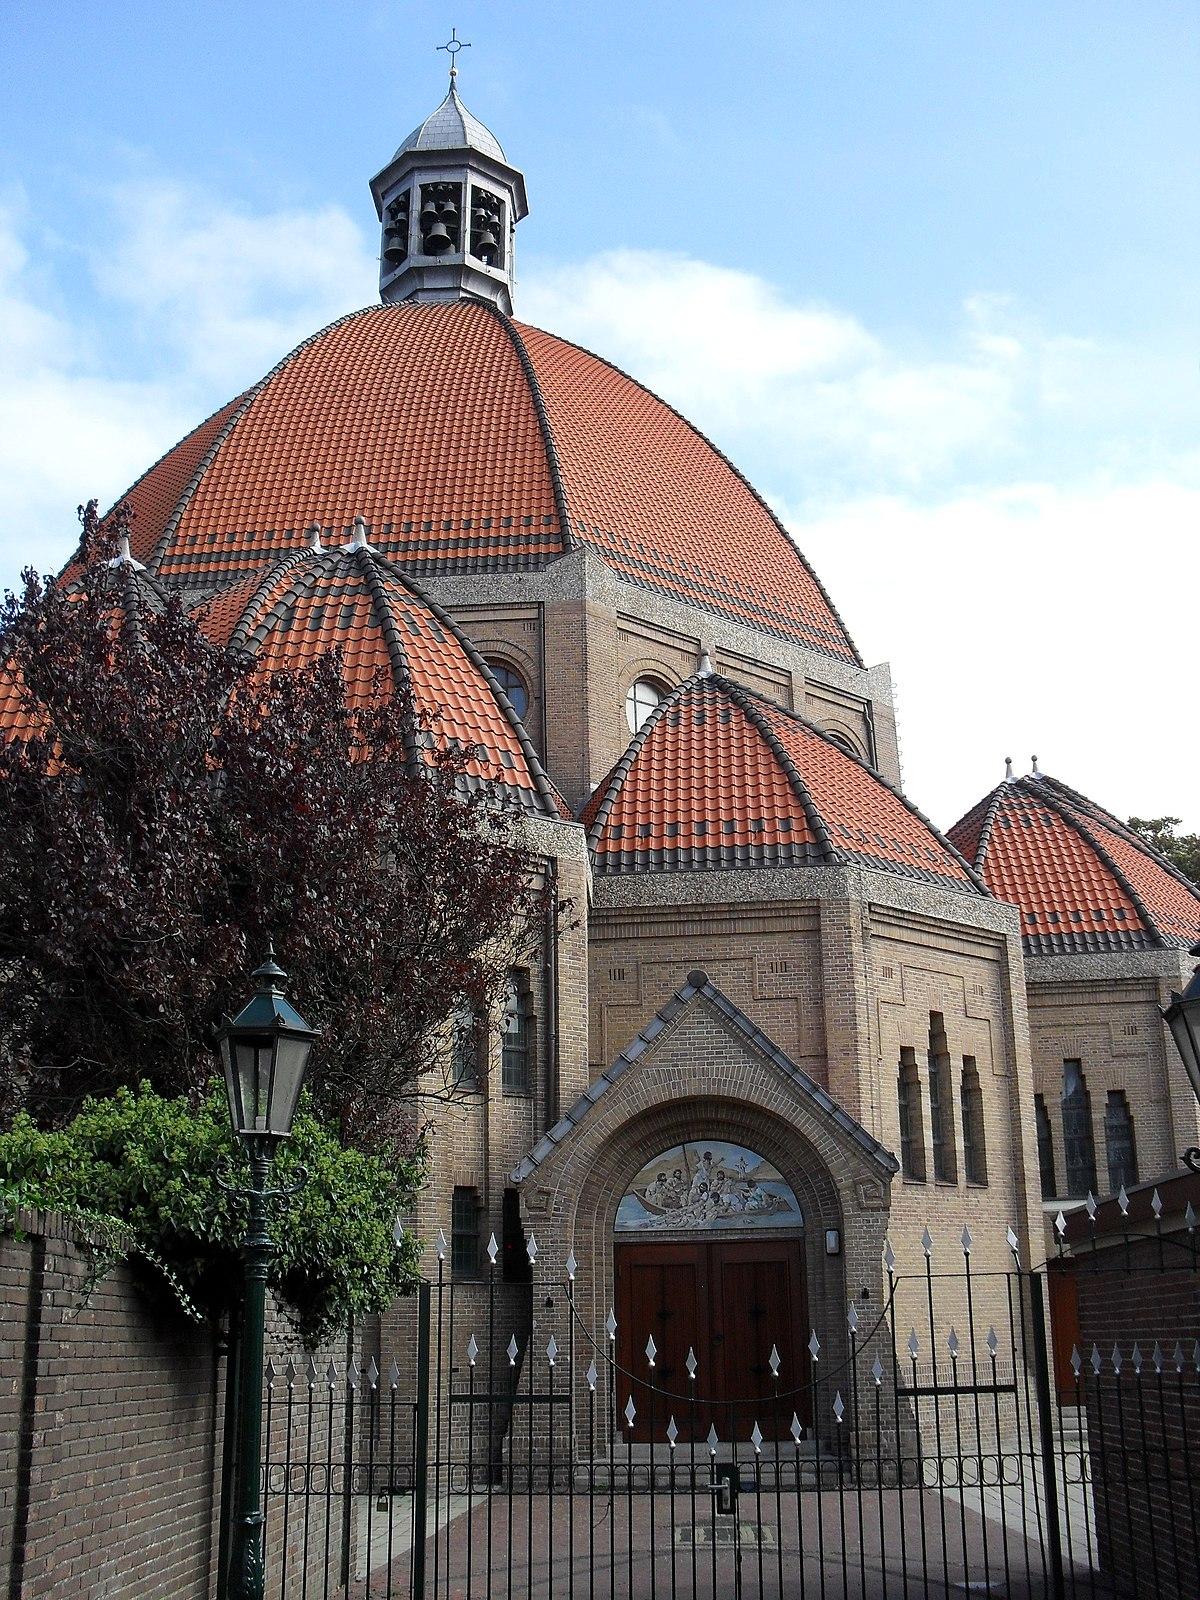 Sint agathakerk beverwijk wikipedia - Expressionistische architectuur ...